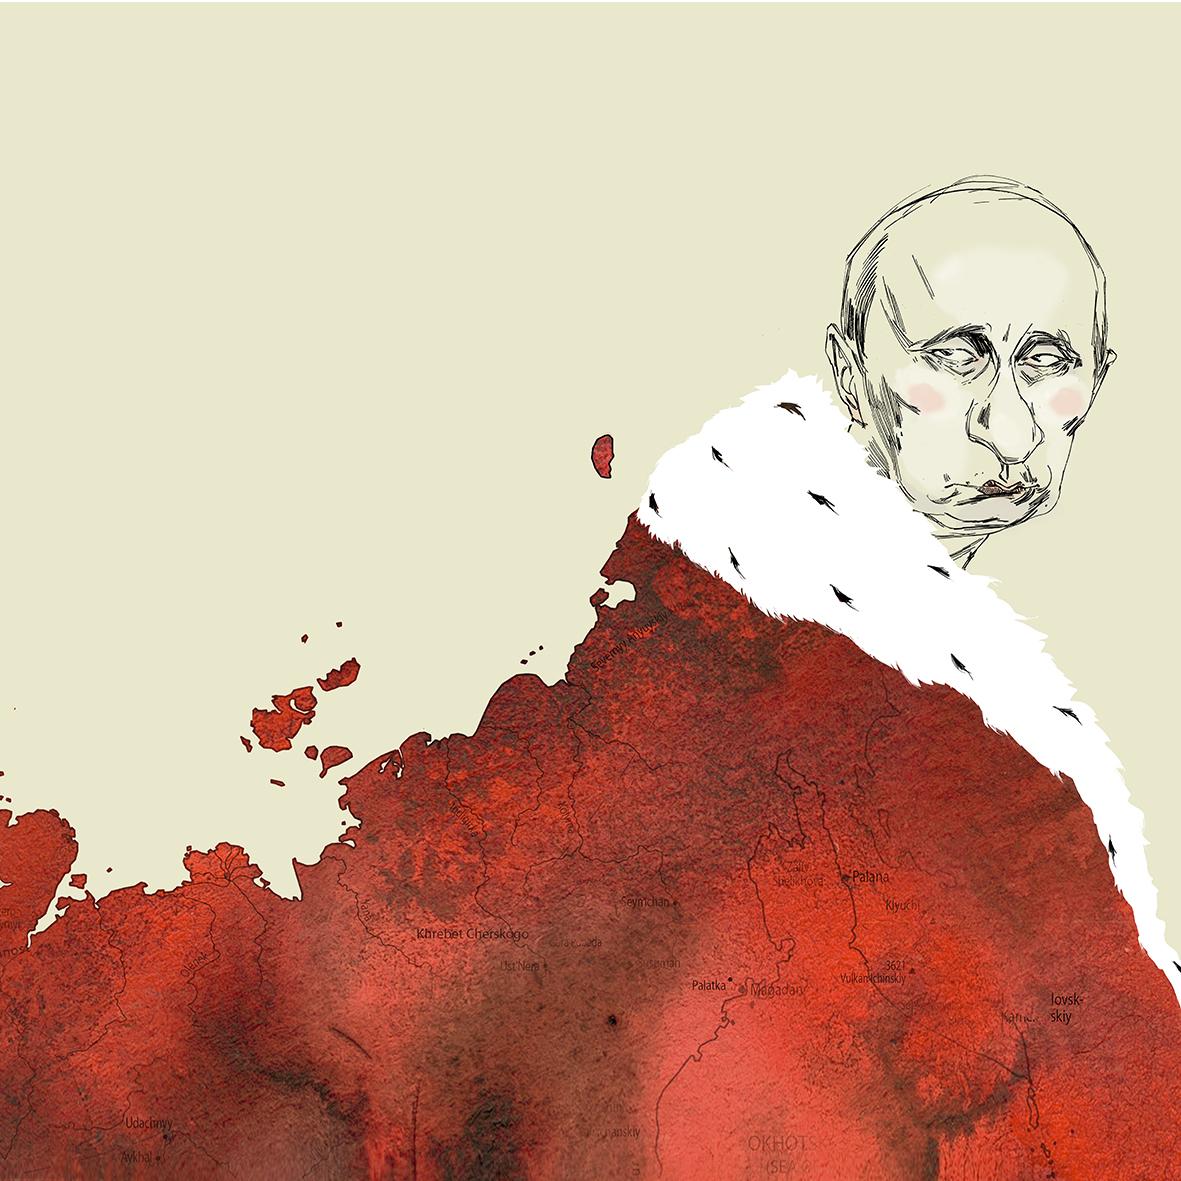 King Putin, 2013